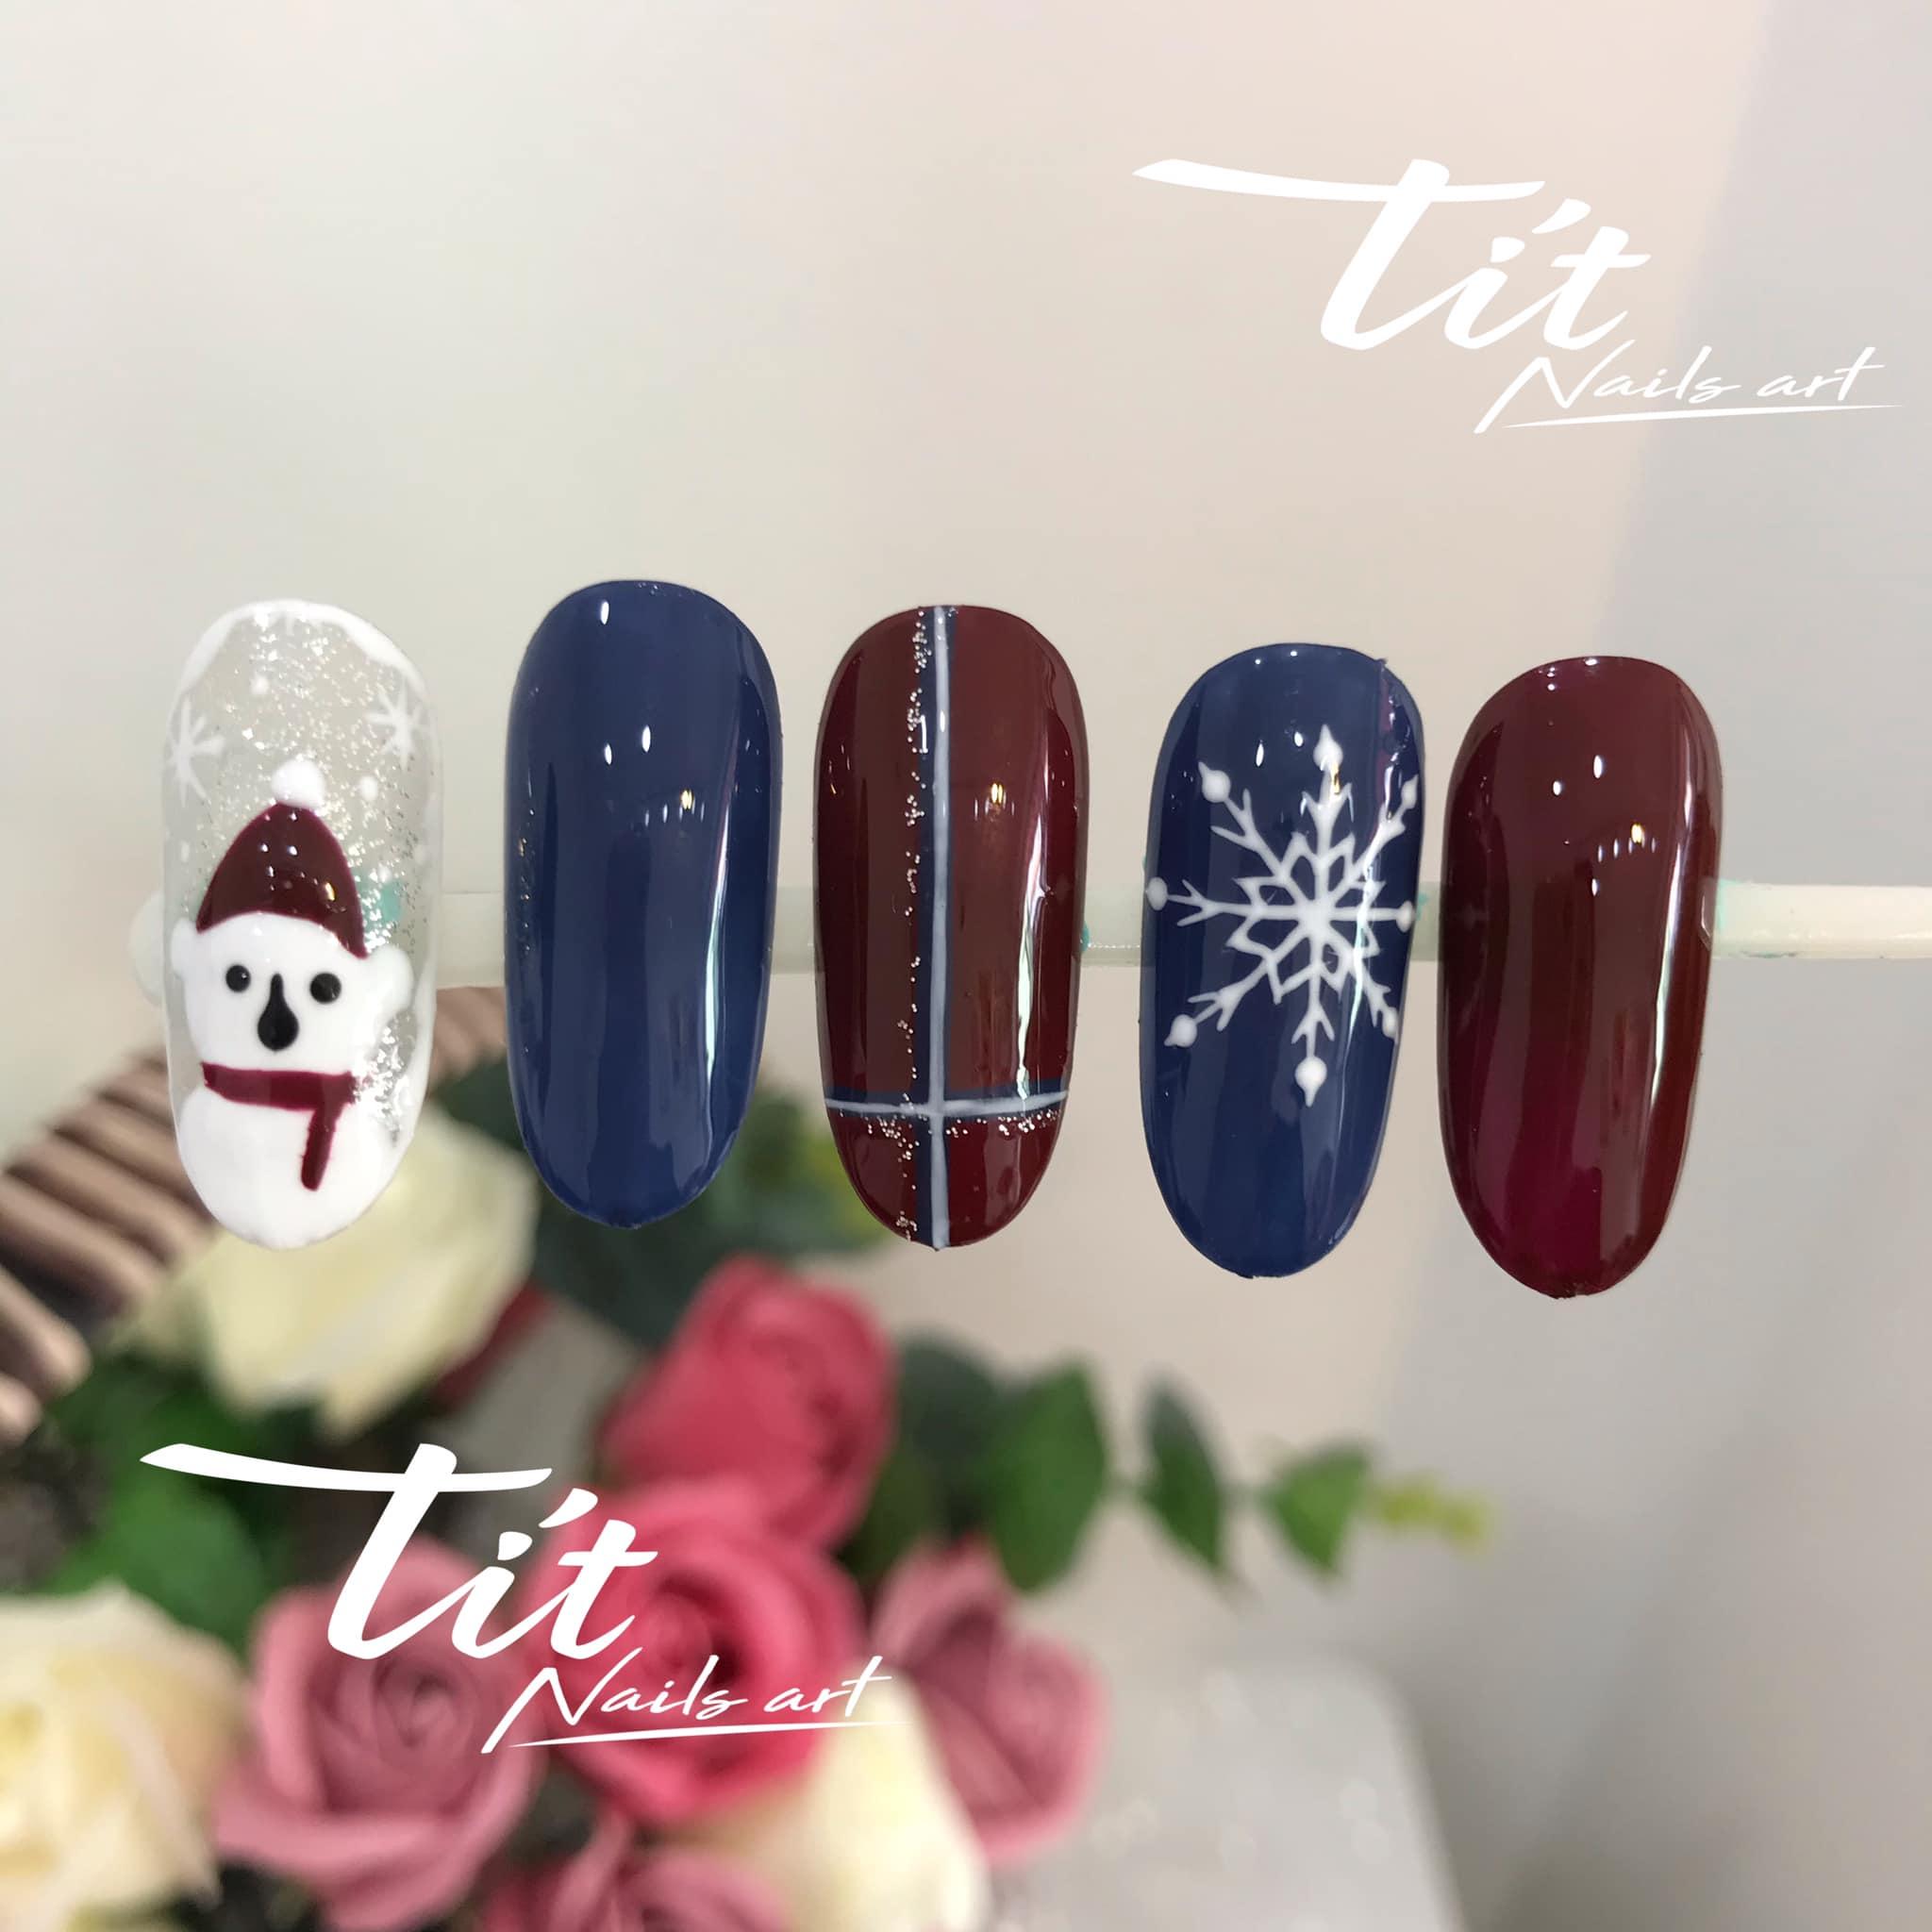 Hưởng ứng Noel bằng những mẫu nail có họa tiết nổi bật và độc đáo - Ảnh 3.